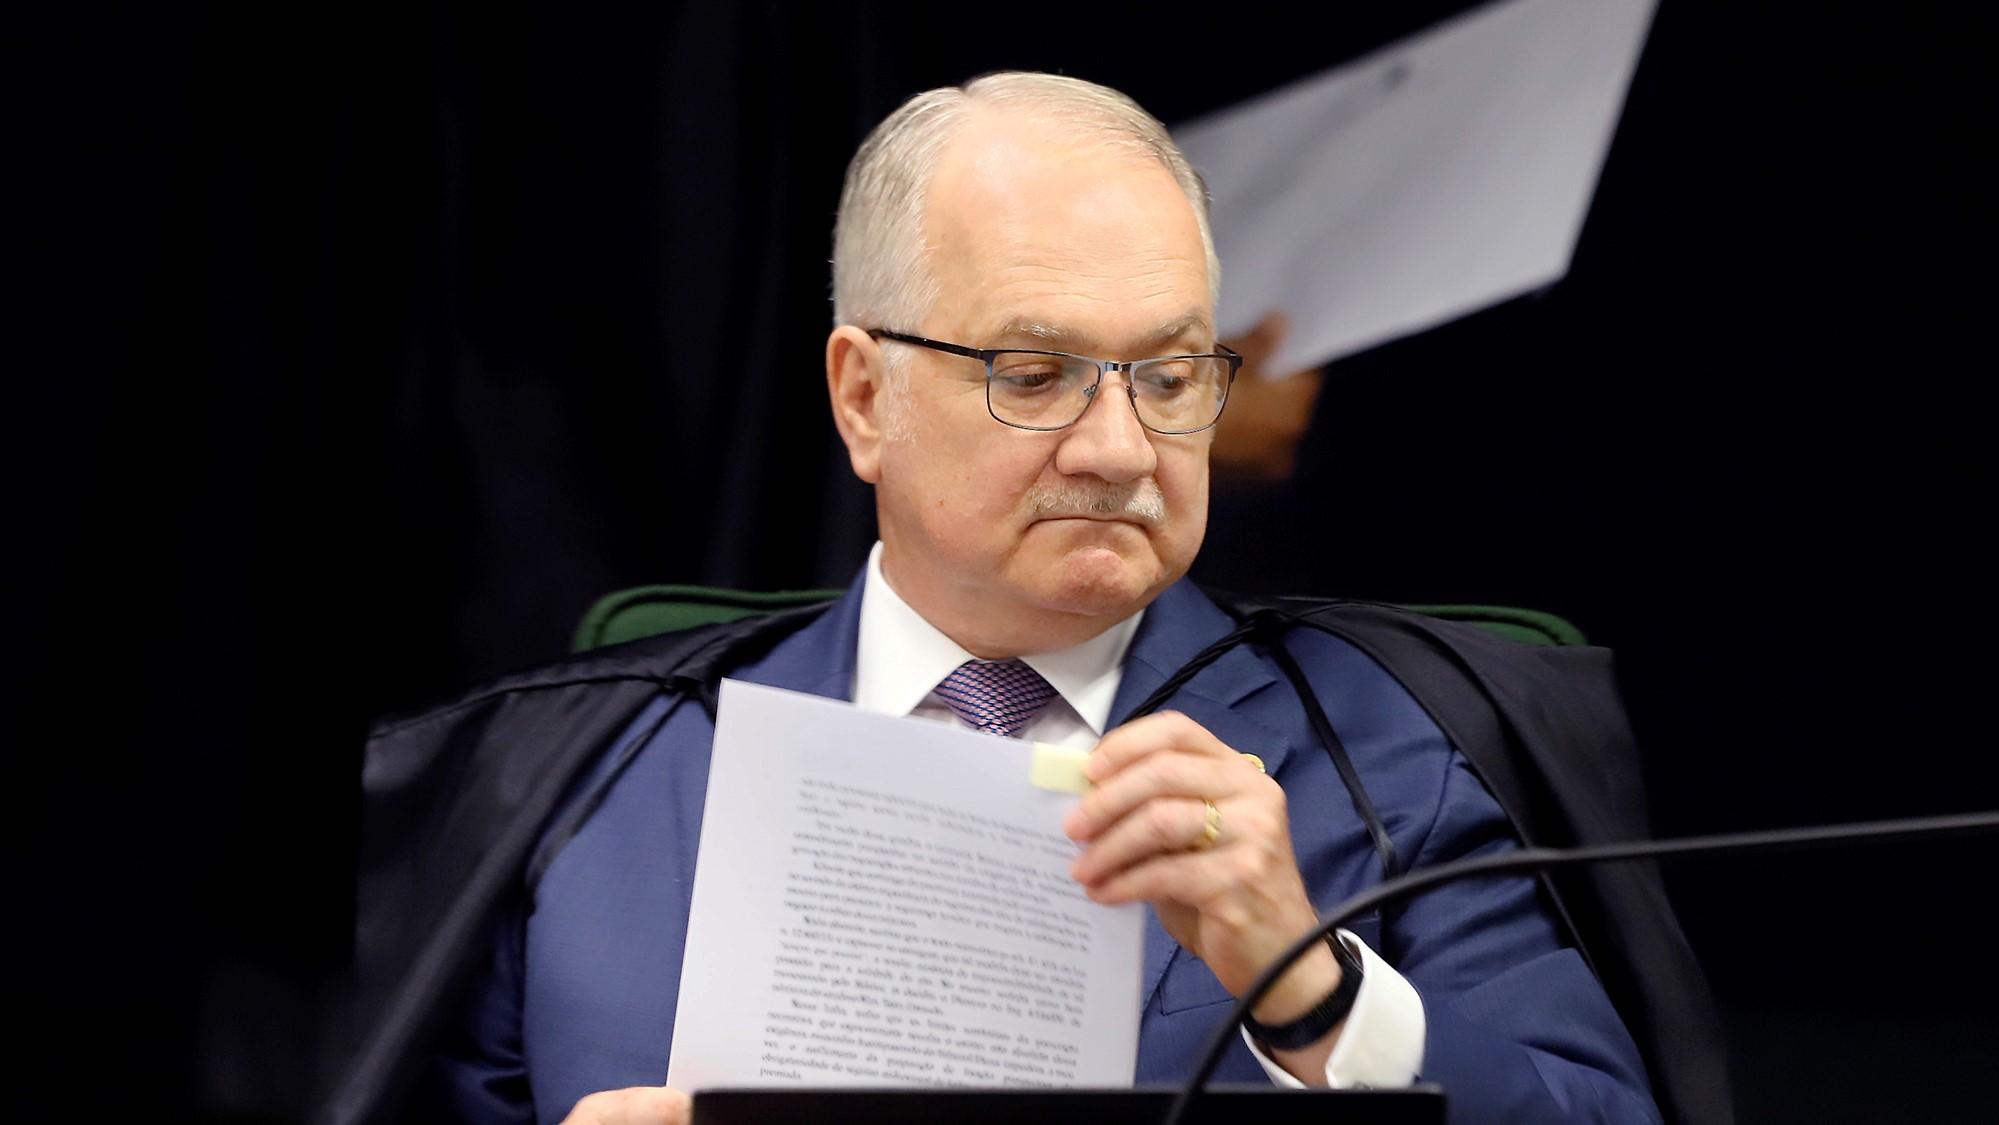 IMAGEM: Fachin manda Bolsonaro respeitar lista tríplice das federais, mas não impõe escolha do mais votado